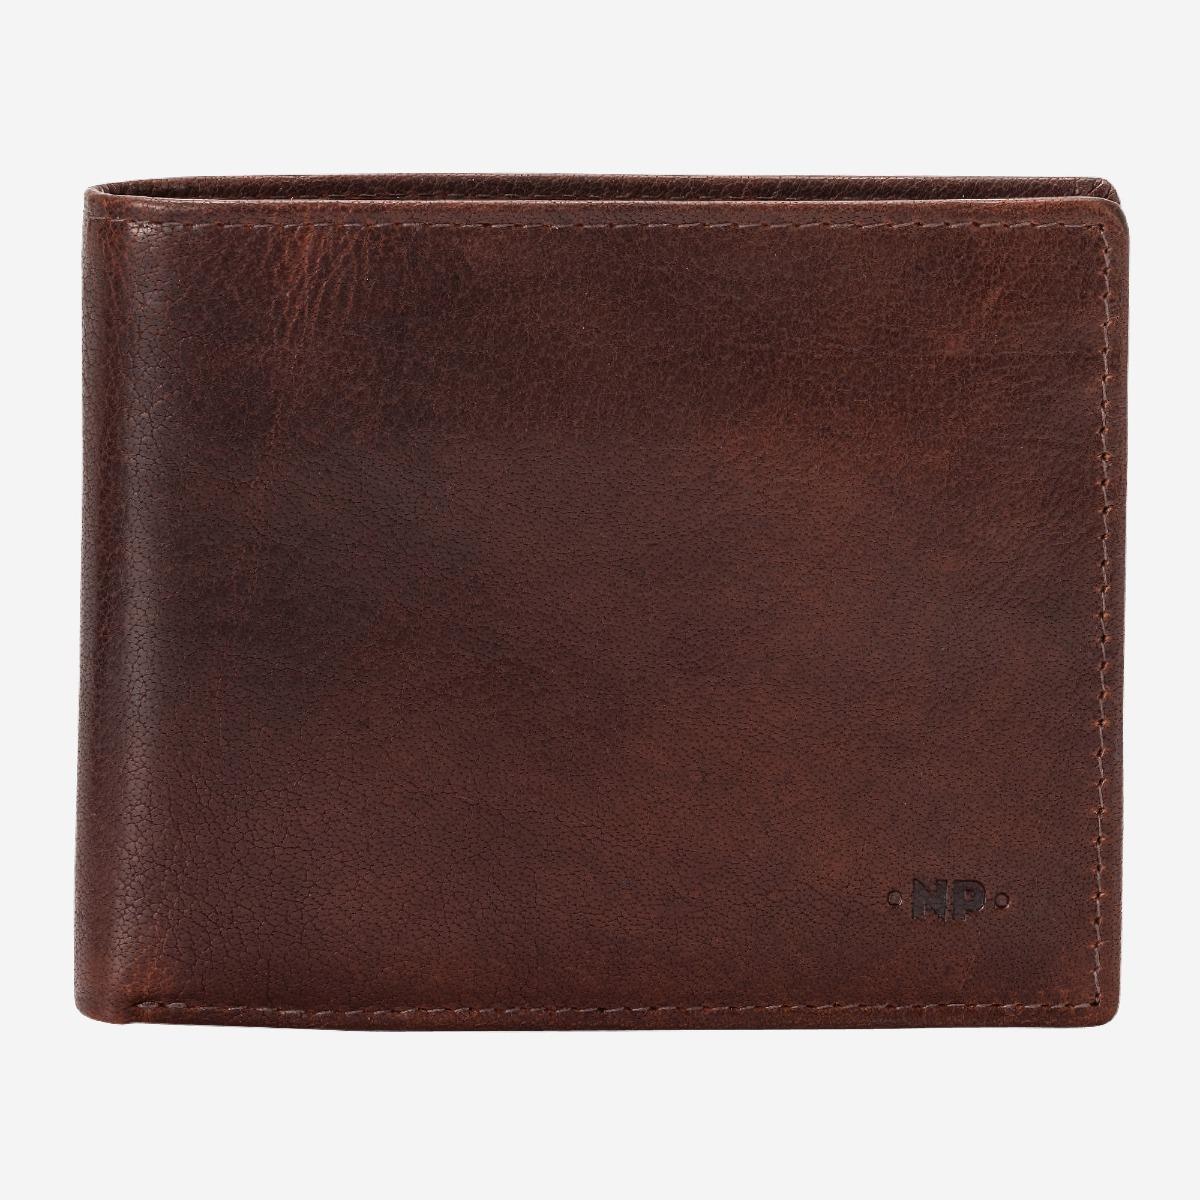 zip int DV Portafoglio uomo verticale pelle MARRONE S porta carte portamonete